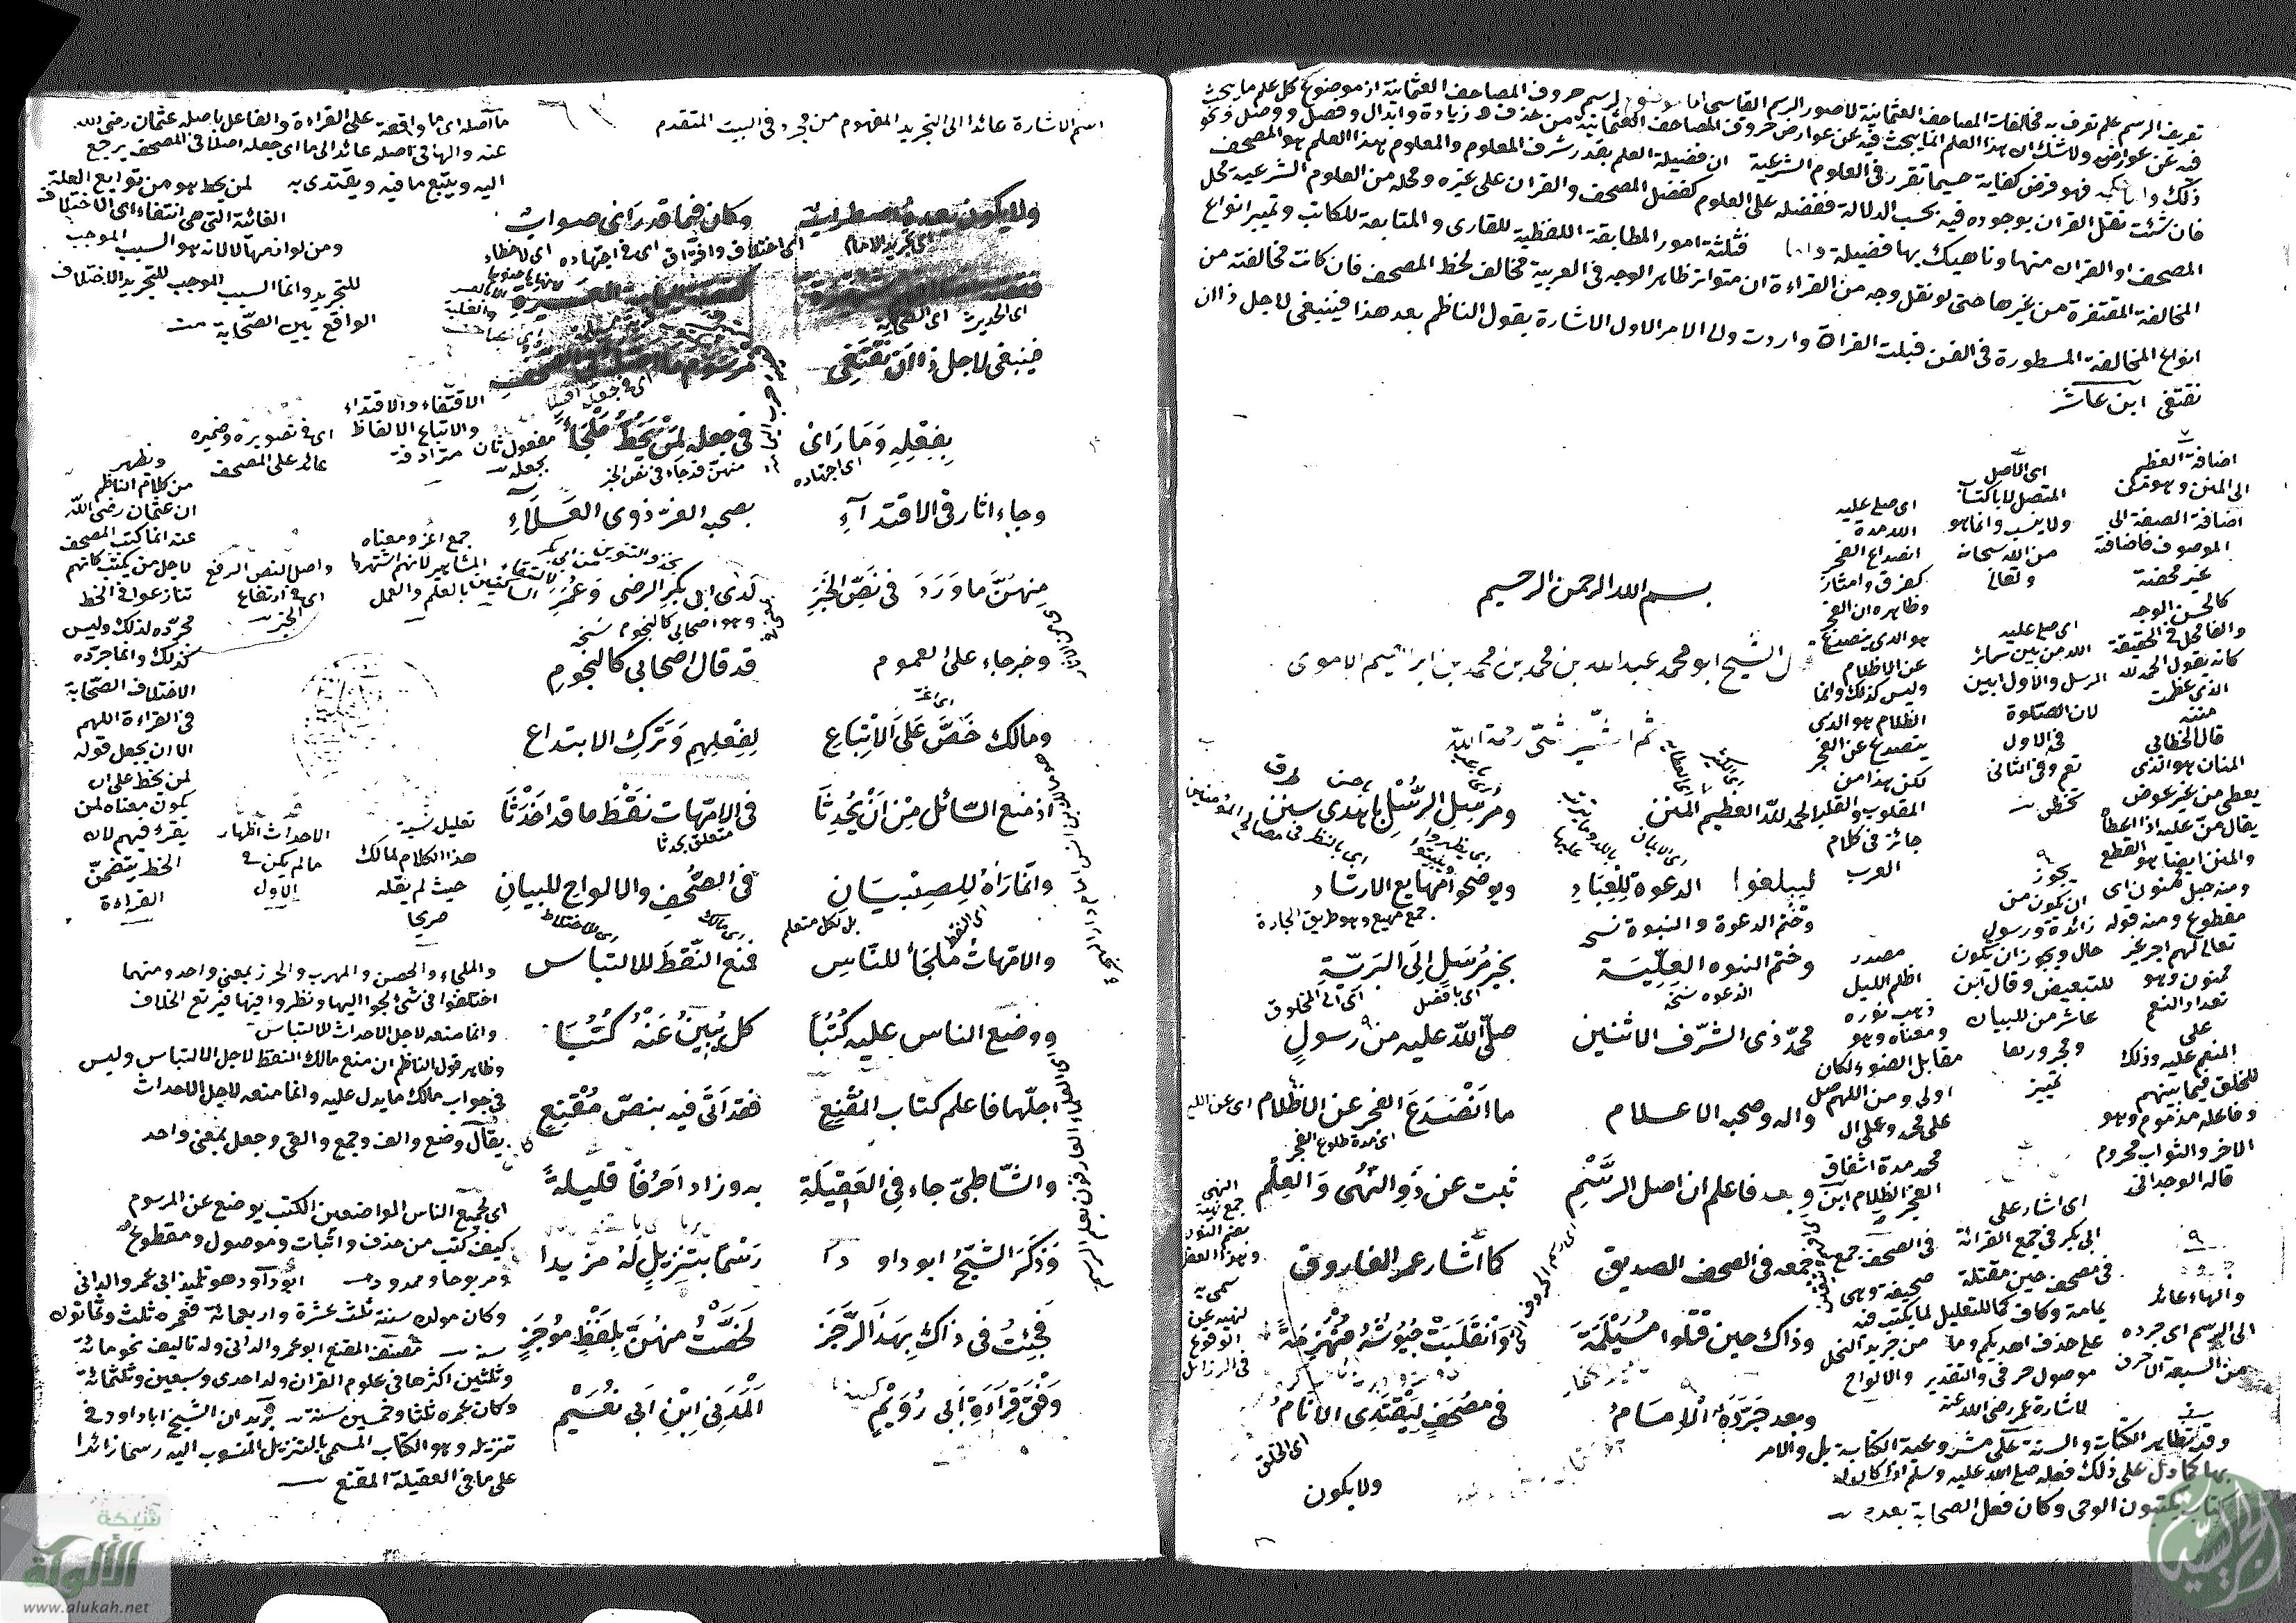 مورد الظمآن في حكم رسم أحرف القرآن - أبو عبد الله محمد بن محمد بن إبراهيم الأموي الشريشي الخراز (ت 718)